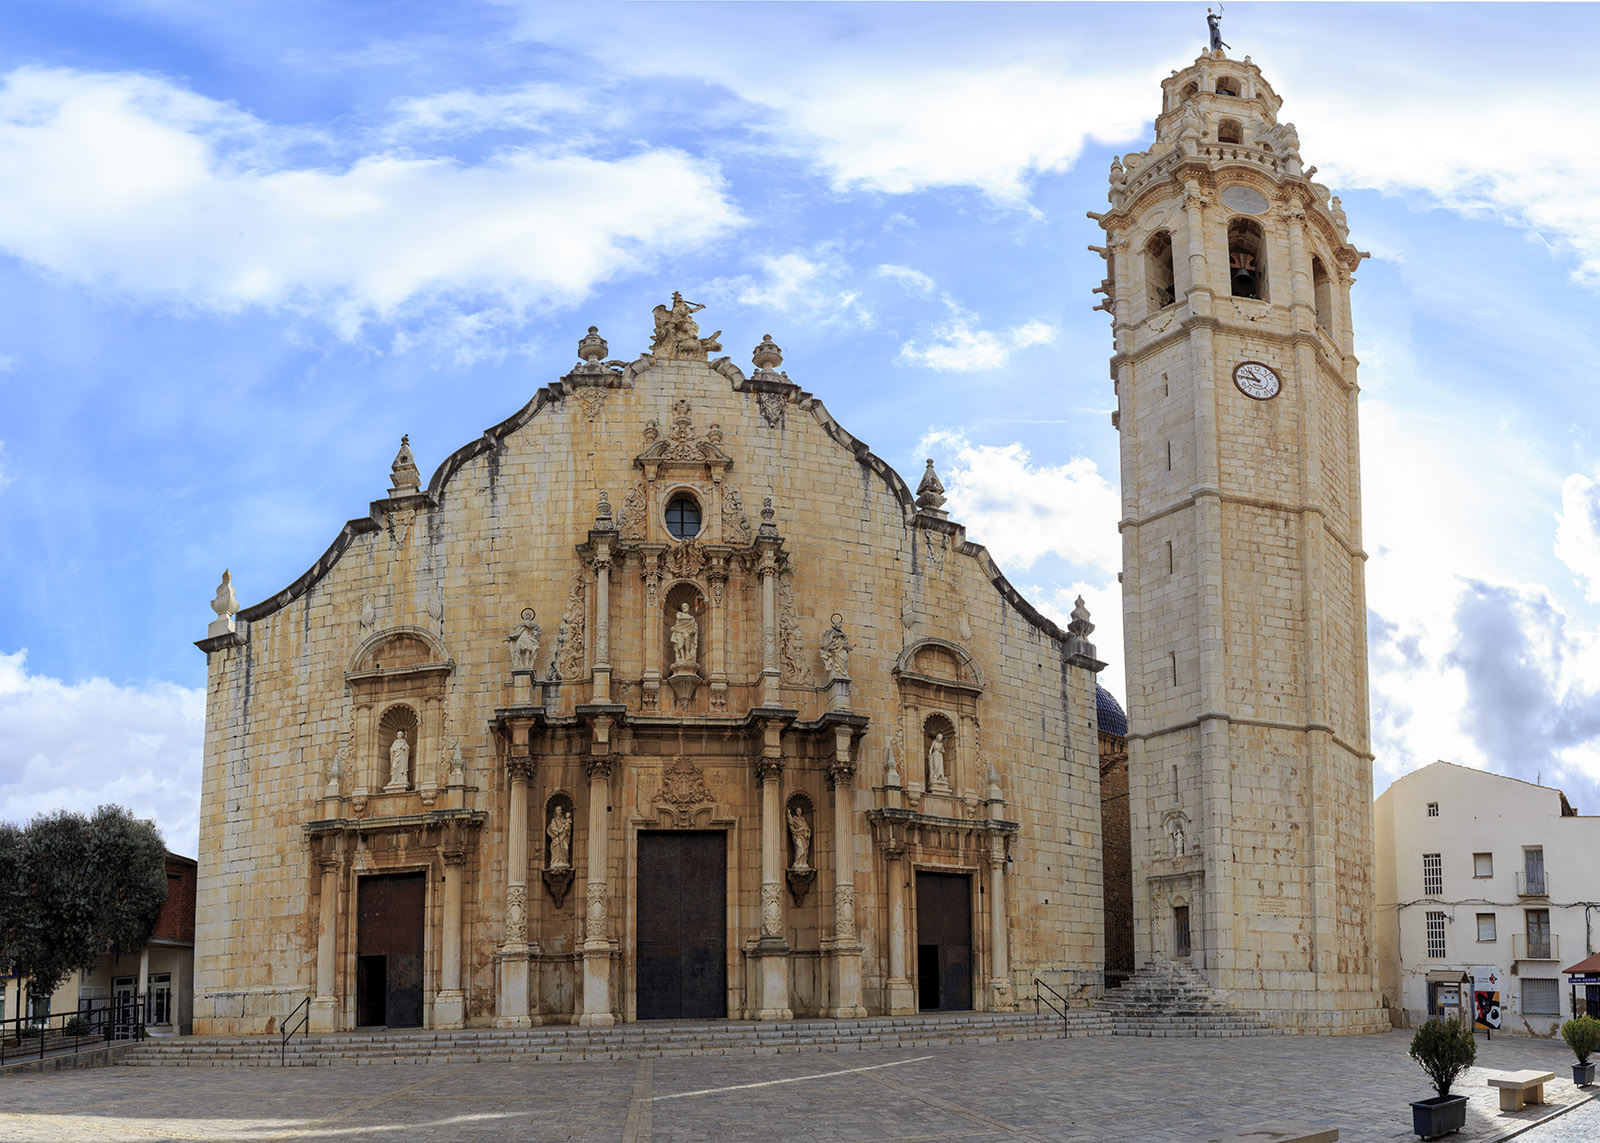 Oficina Turismo Alcossebre. Iglesia Parroquial y Campanario de Alcalà de Xivert